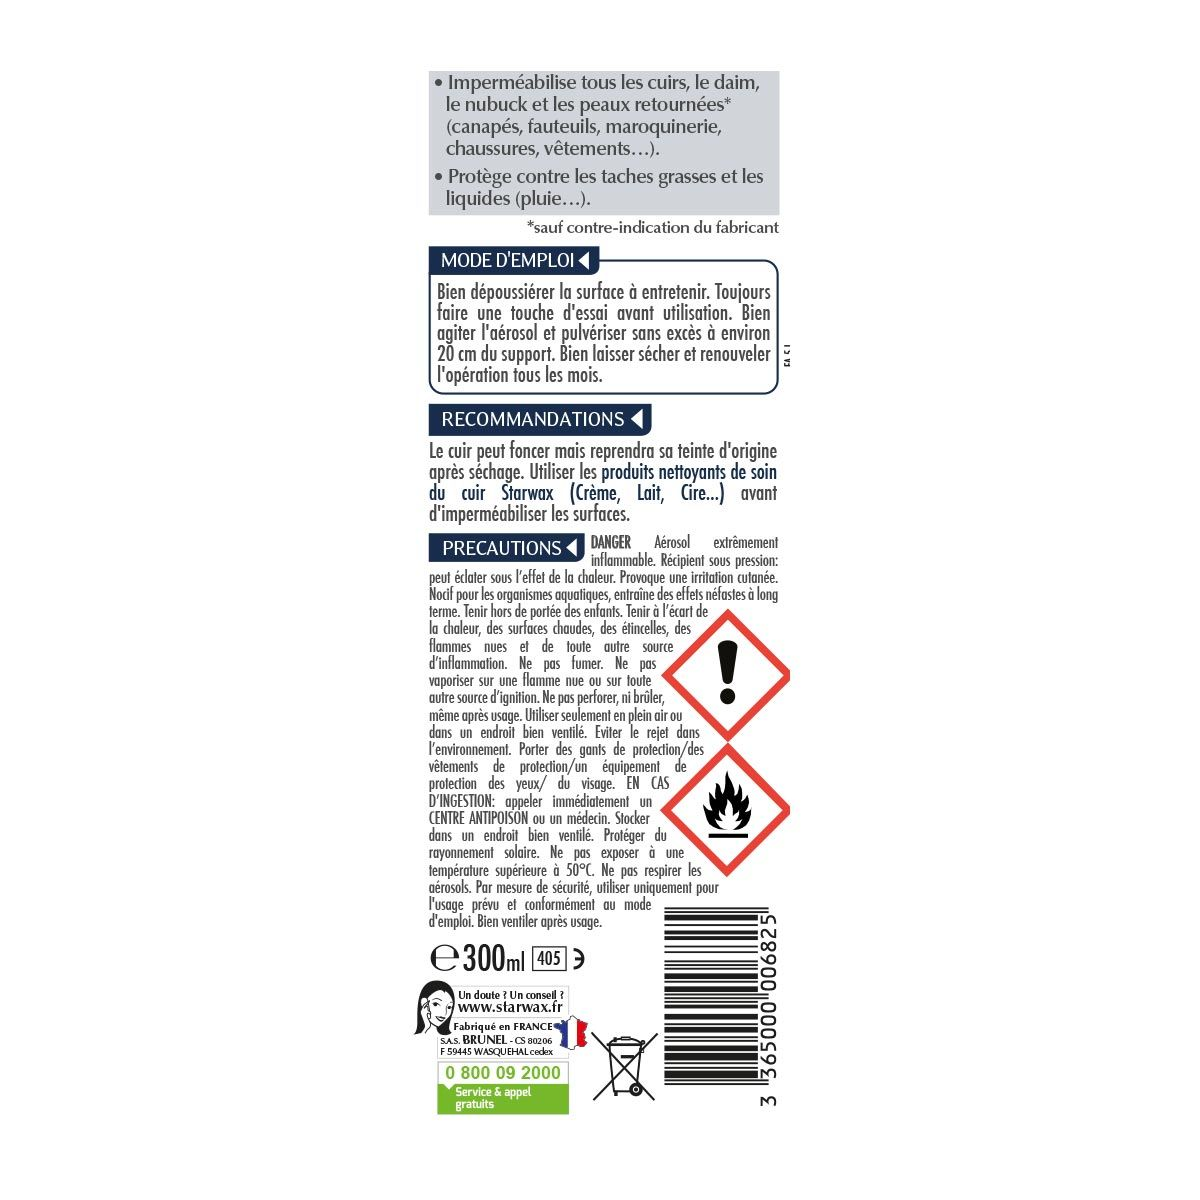 Imperméabilisant anti-tache pour cuirs, daims et nubuch   Starwax ... fc987912a3fc